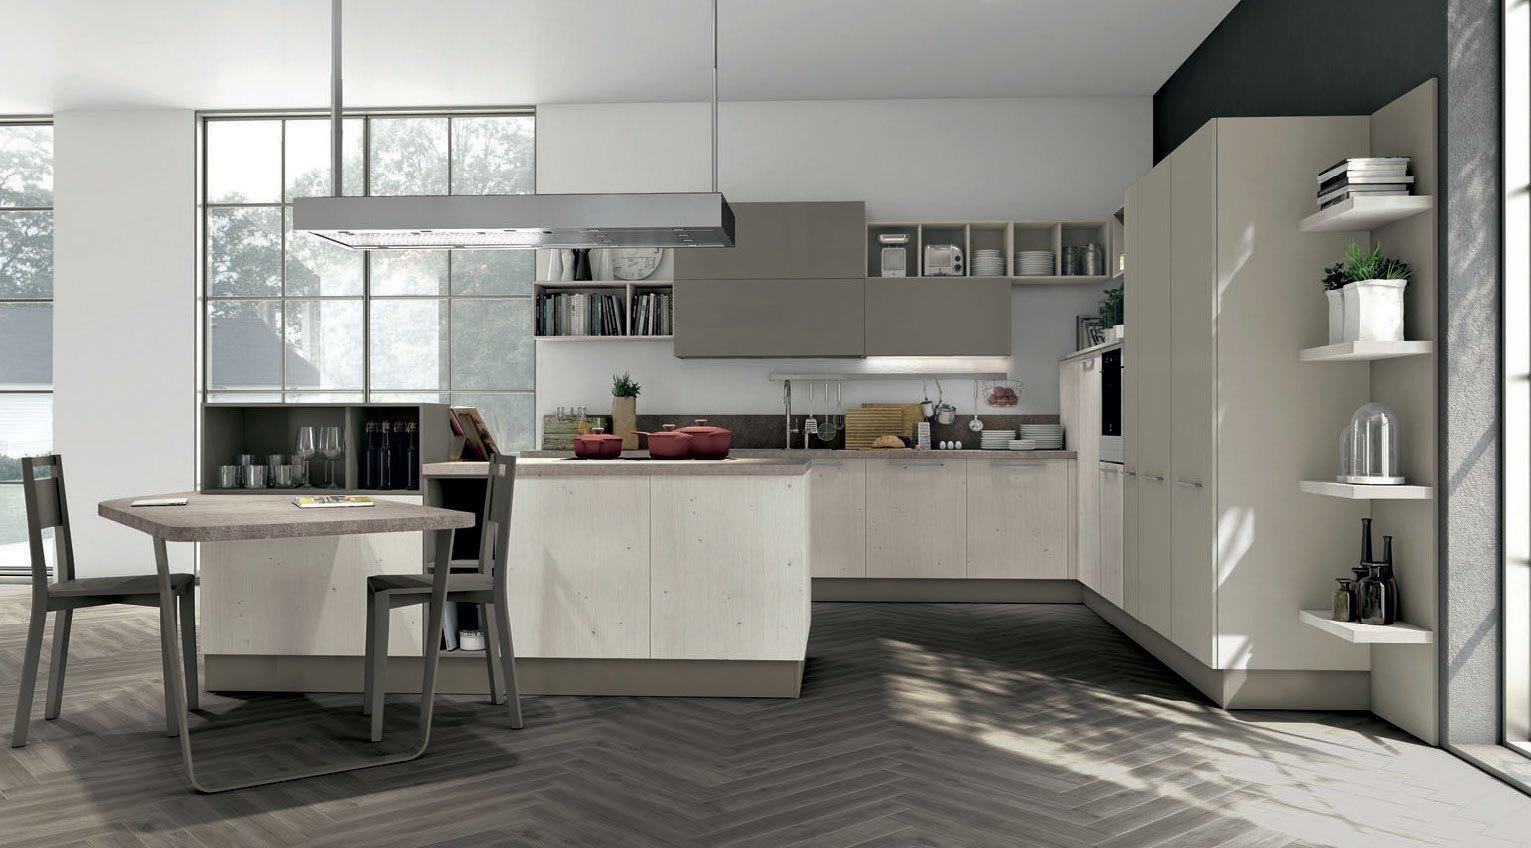 Lube presenta la nuova cucina Clover | Sarracino Mobili